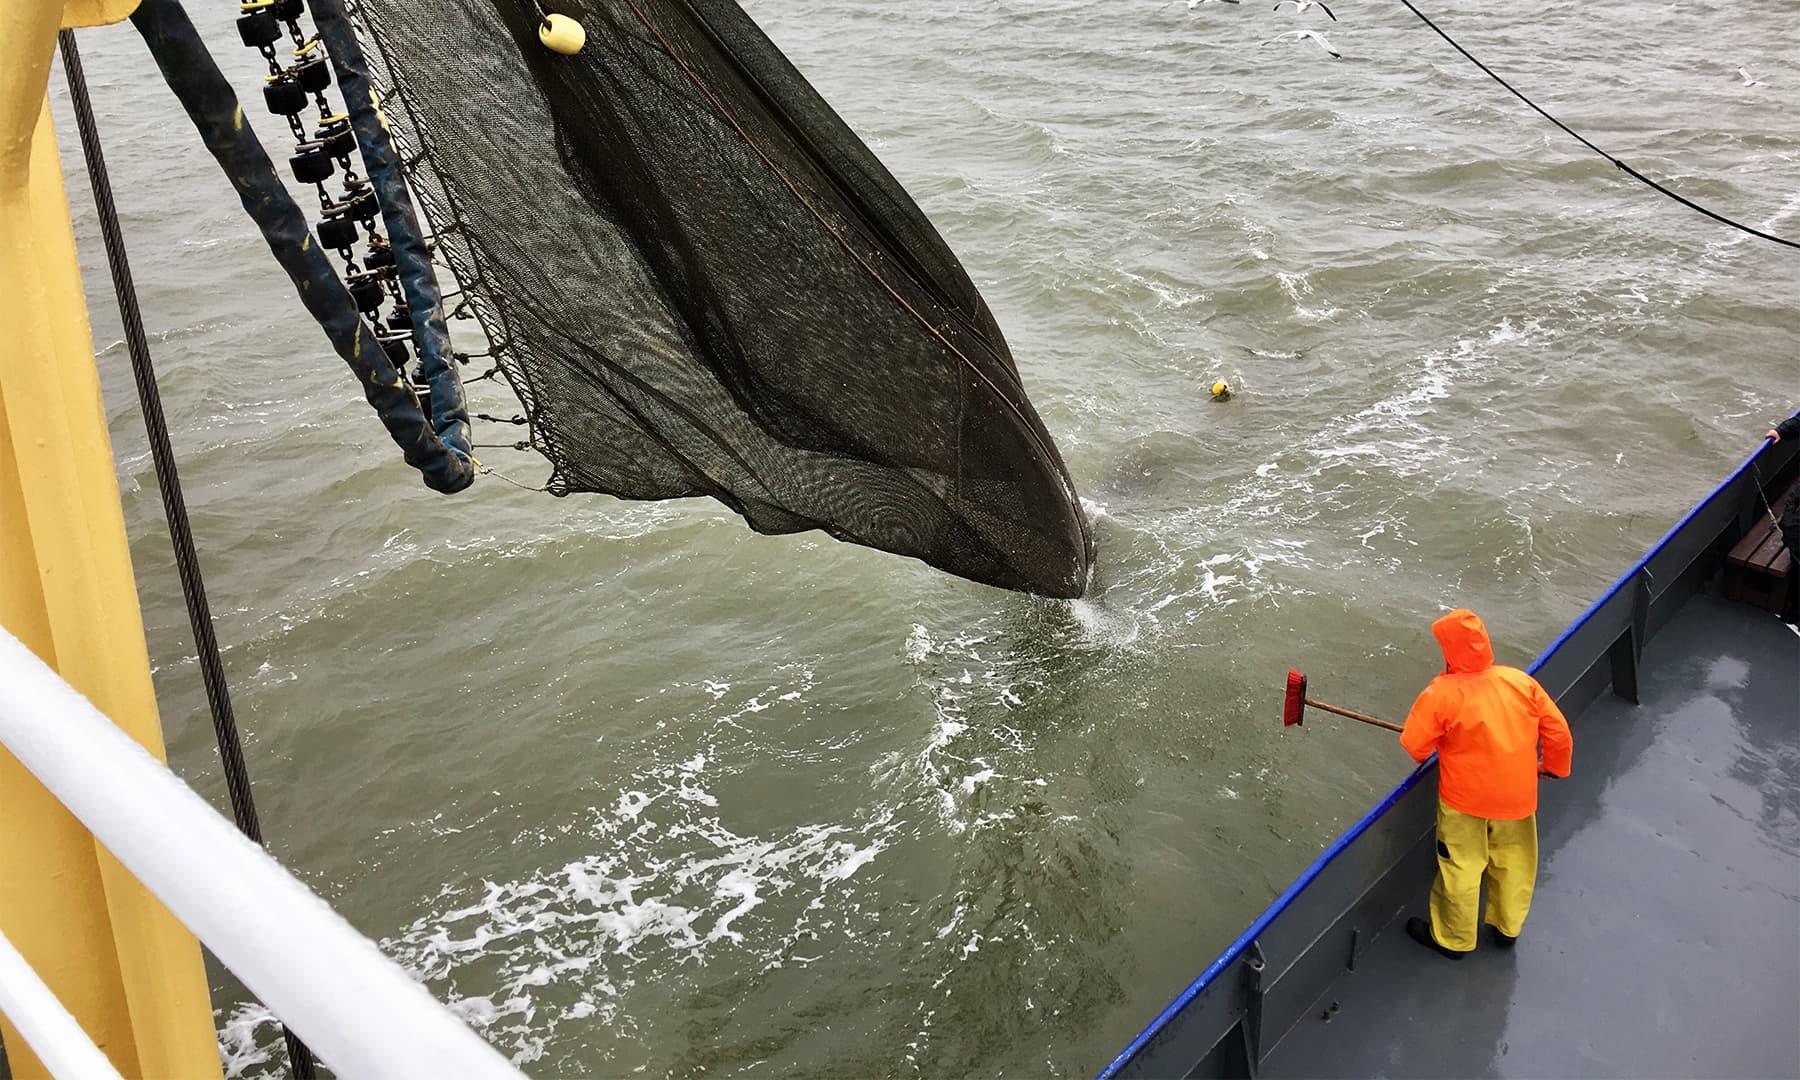 نارتھ سی میں اس طرح کسی جہاز پر مچھیروں کے ساتھ ماہی گیری کرنا ایک لائف ٹائم تجربہ ہے